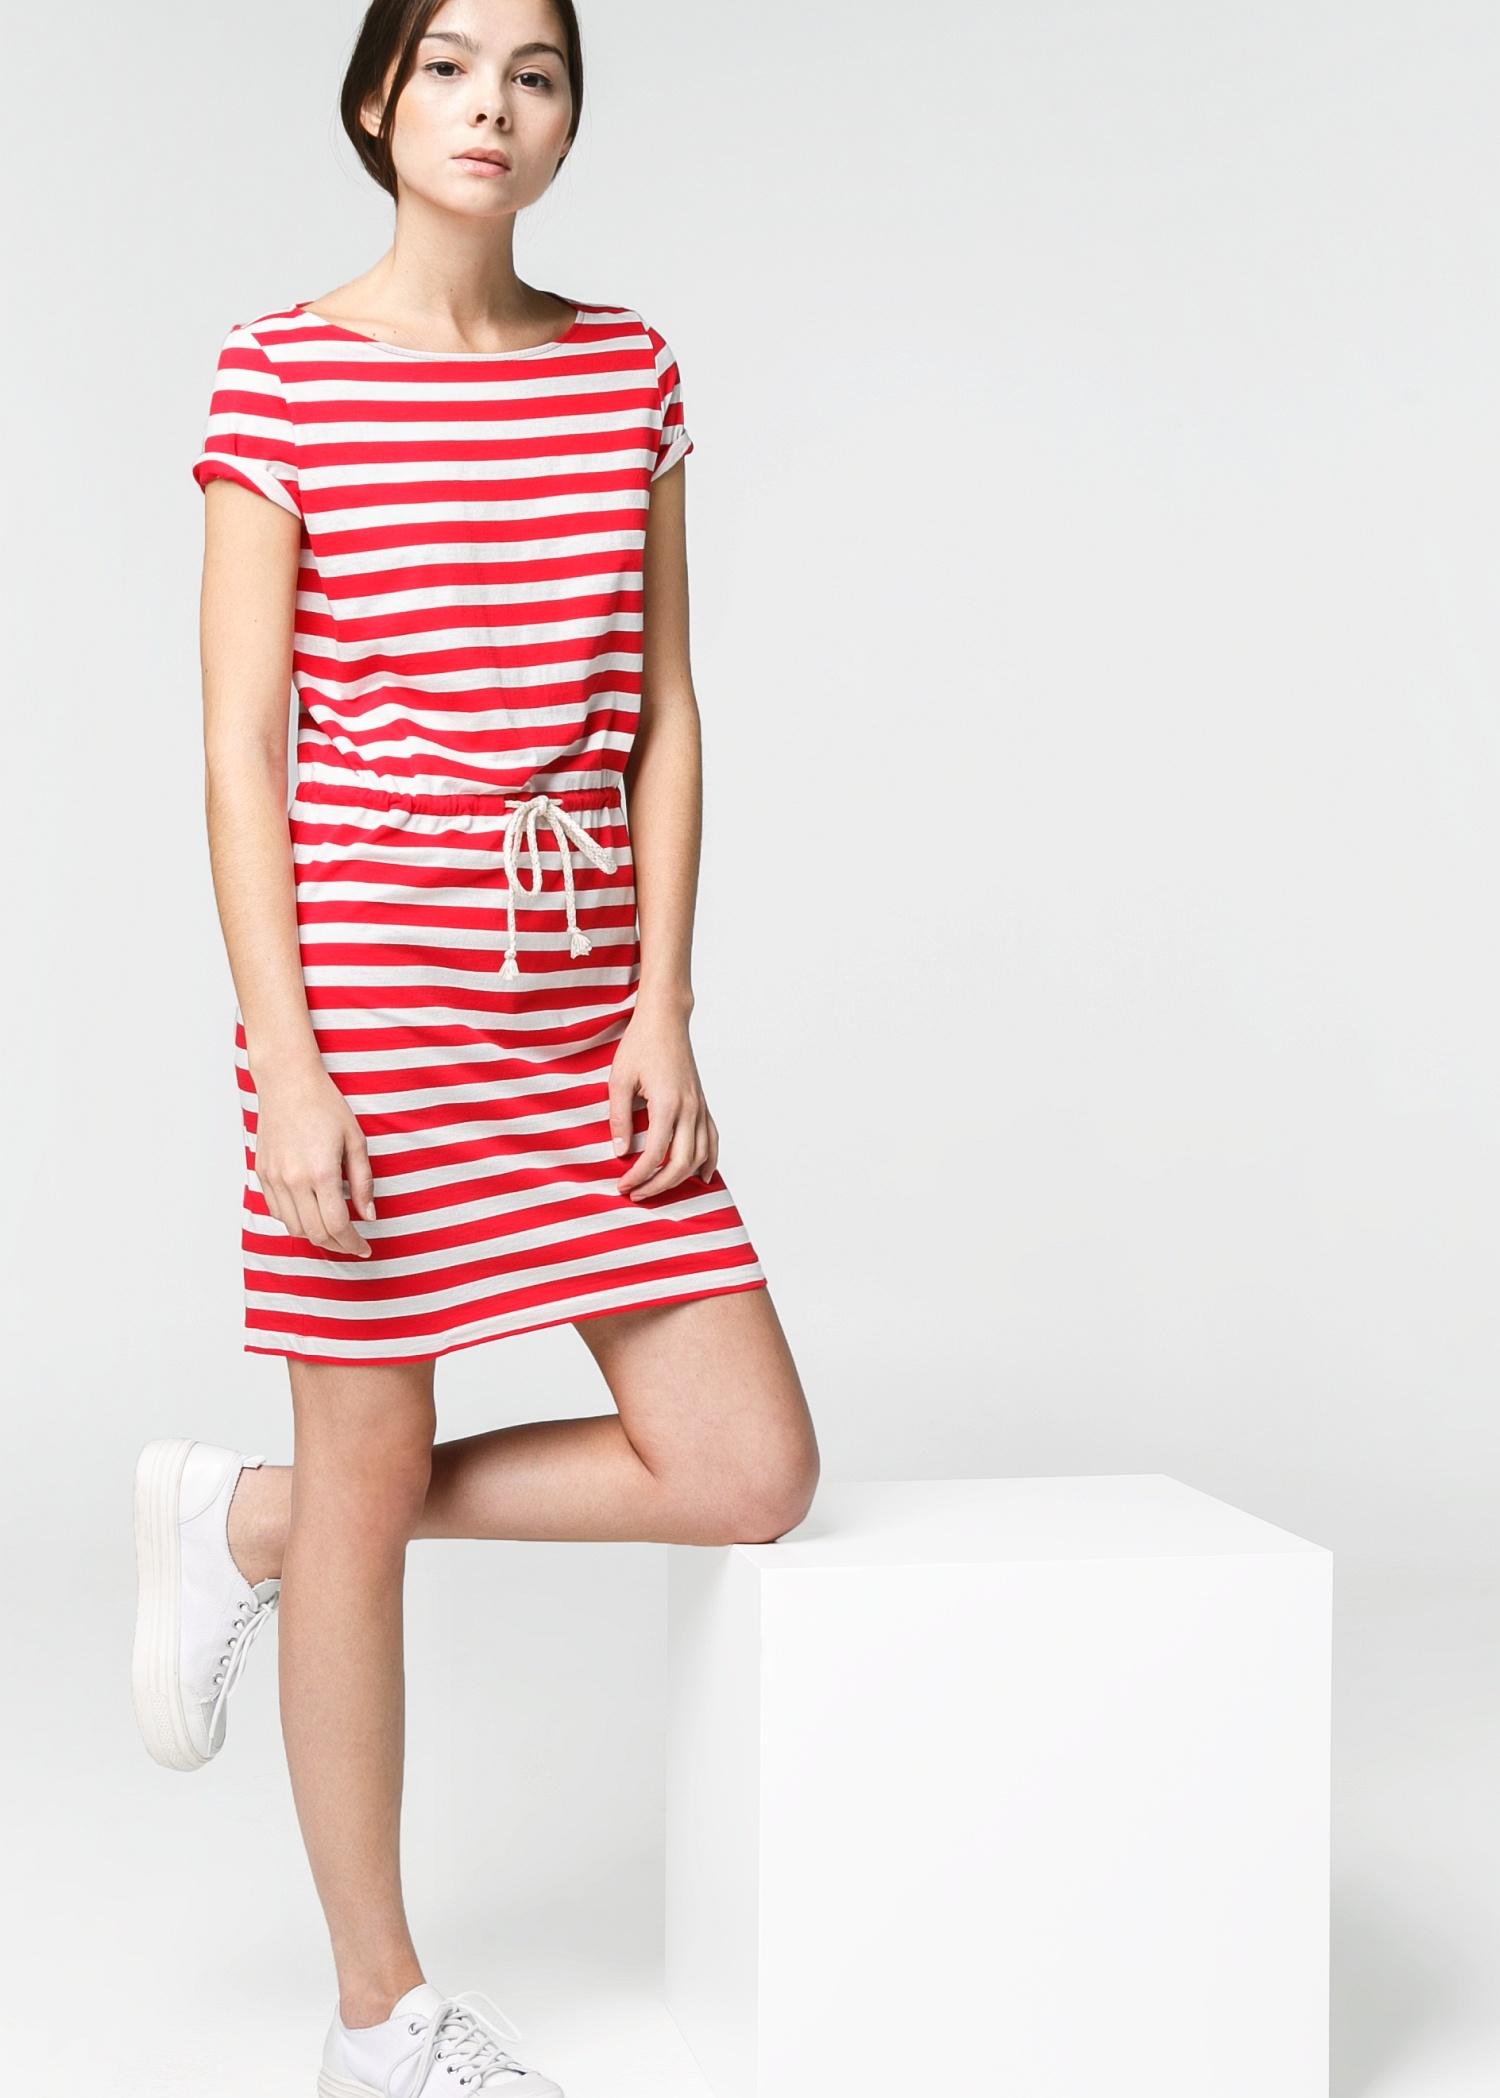 Vestidos casuales rojo con blanco